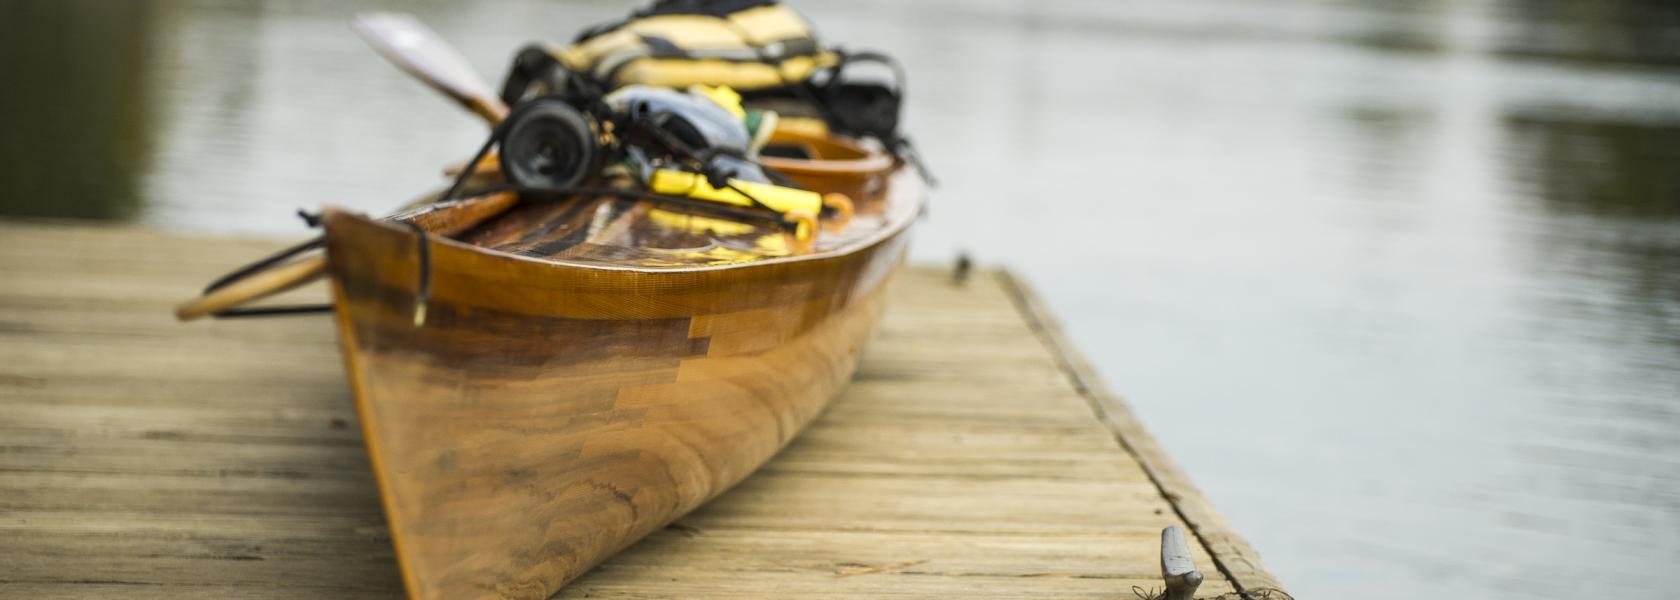 loaded kayak